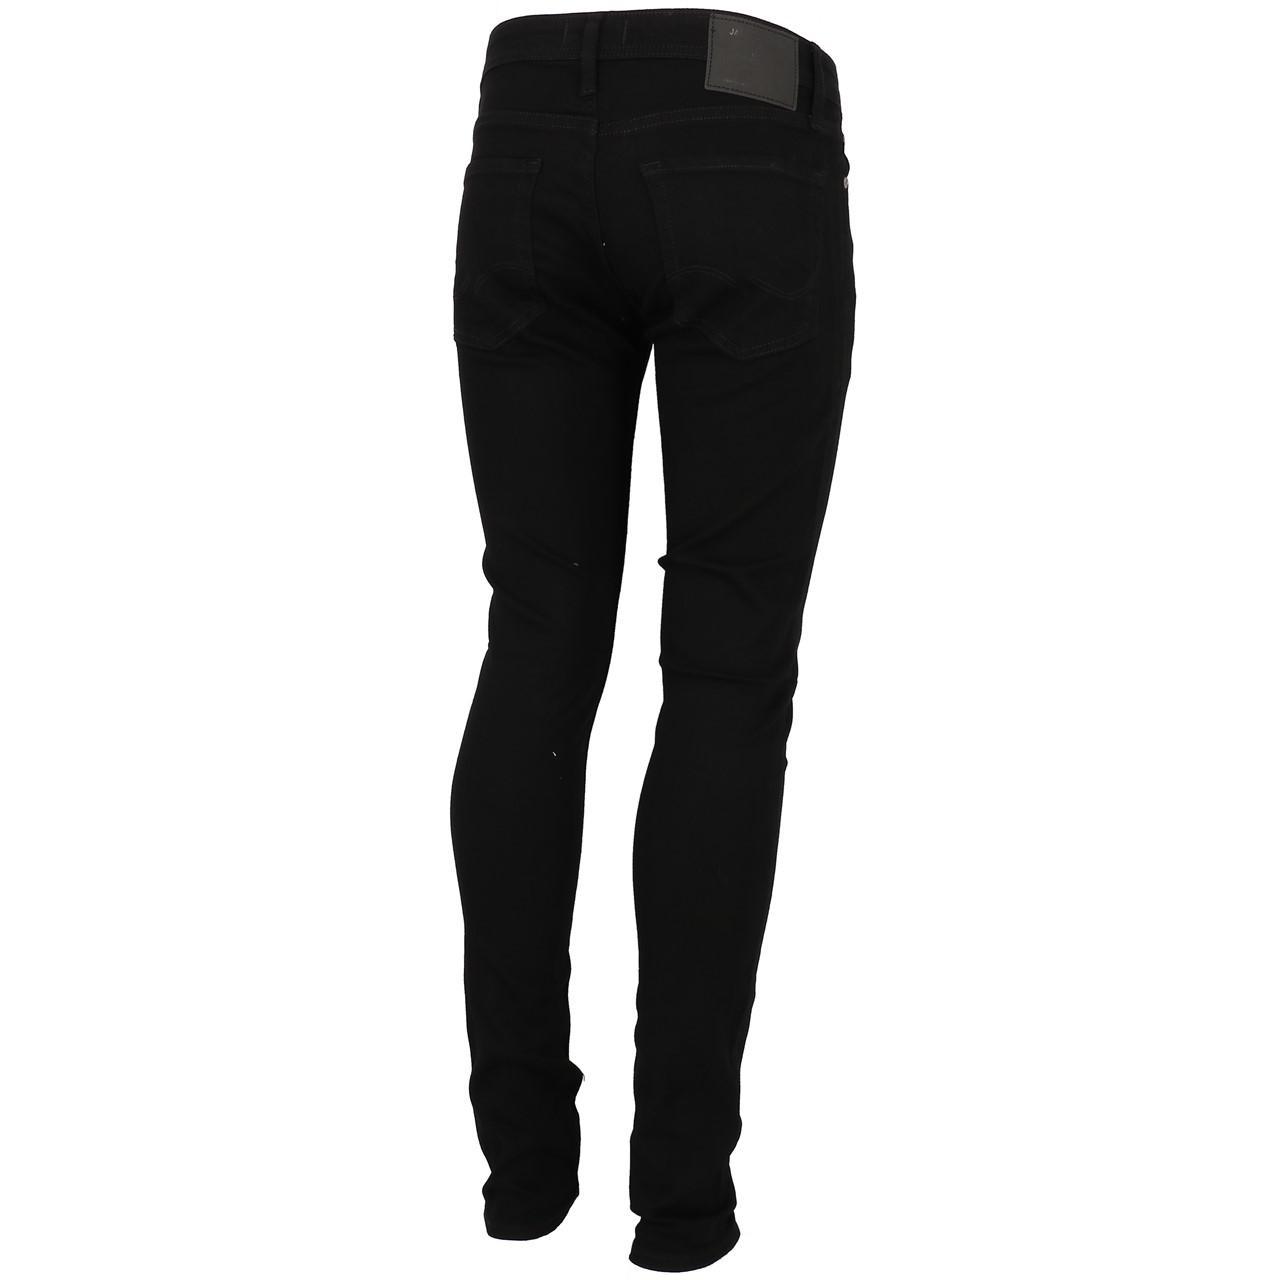 Jeans-Pants-Jack-and-jones-Liam-32-Blk-Denim-Black-Jeans-19909-New thumbnail 5